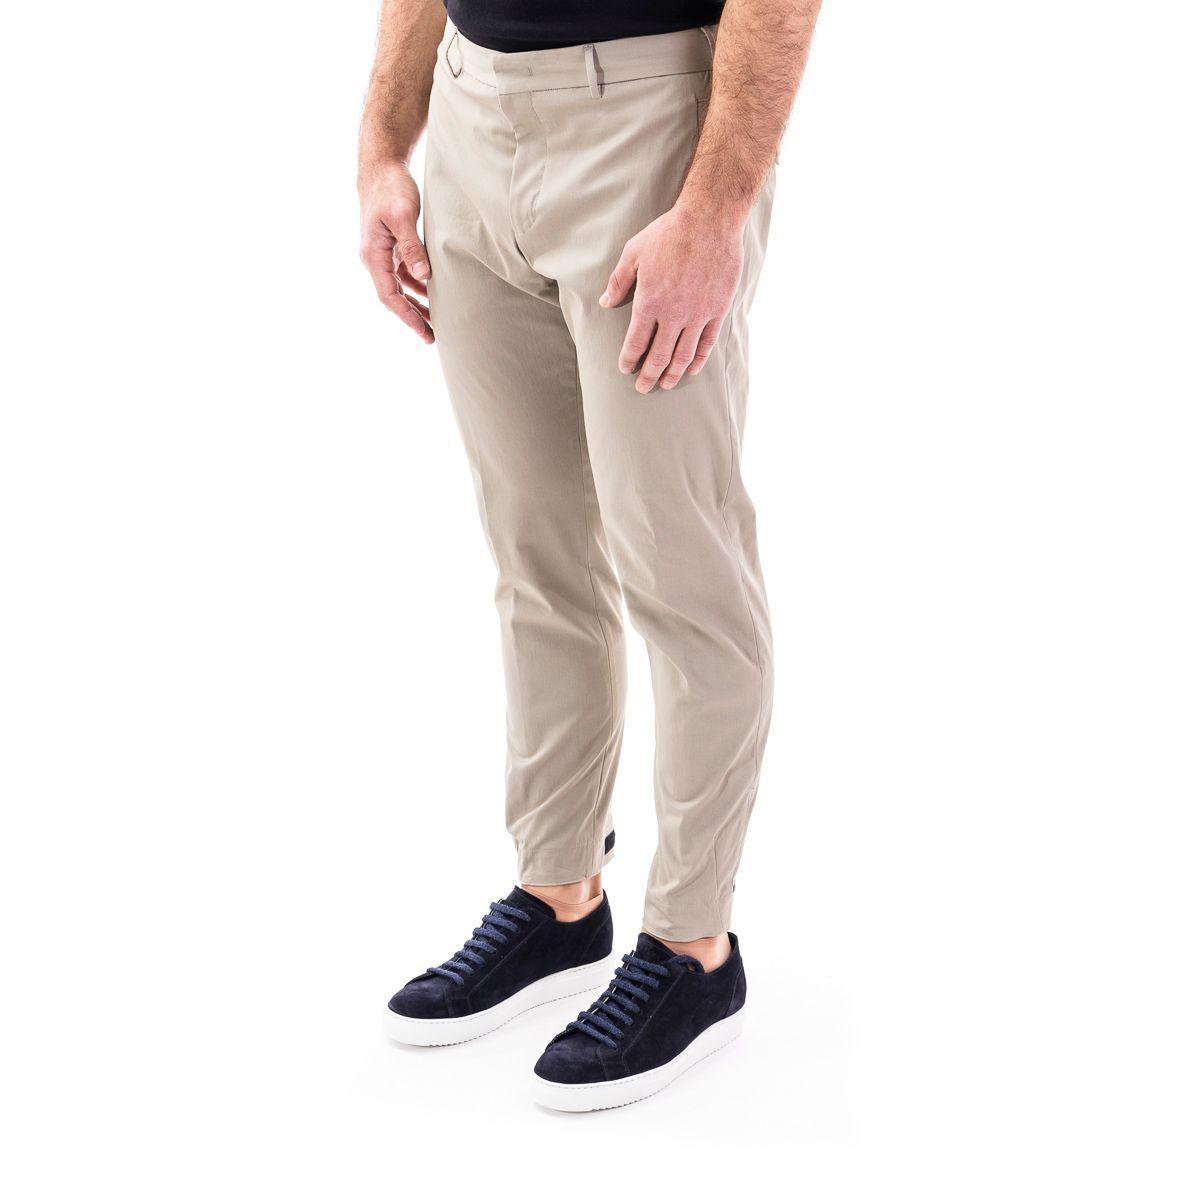 PT01 MEN'S COAS0JZ40KLTMP45040 BEIGE COTTON PANTS